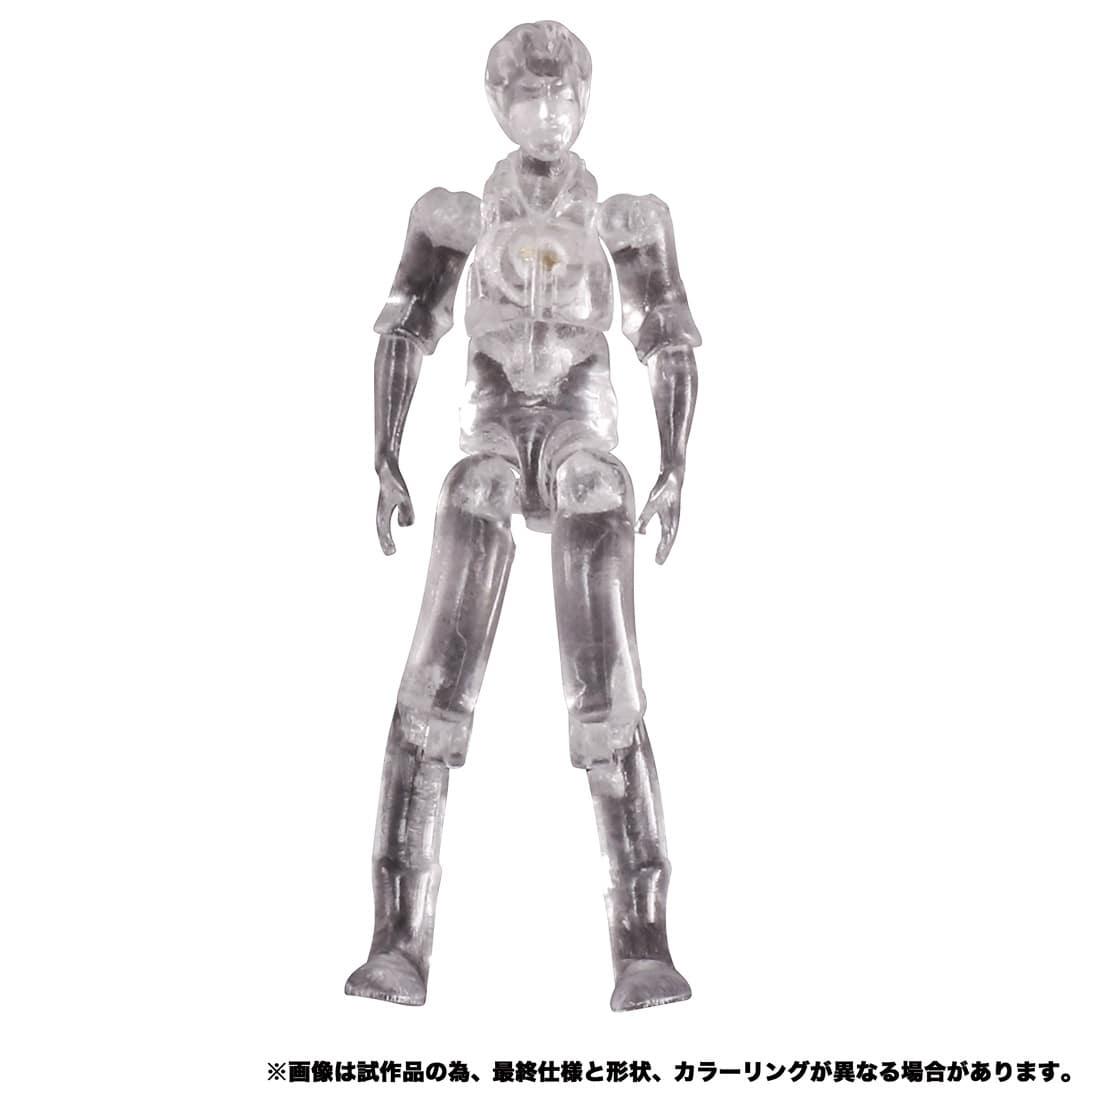 マスターピース『MP-53 スキッズ』トランスフォーマー 可変可動フィギュア-015